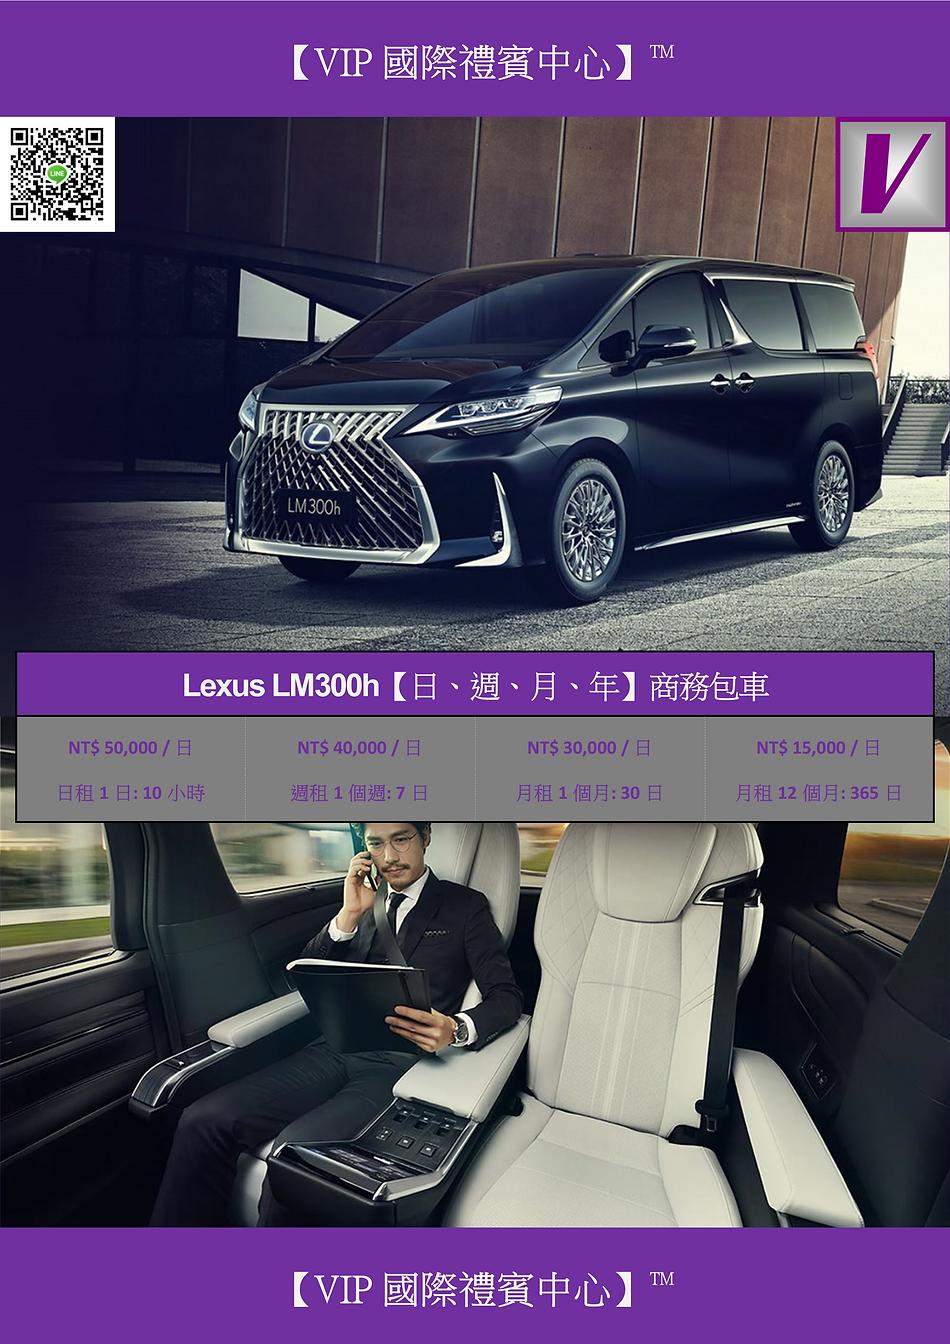 VIP國際禮賓中心 LEXUS LM300h 4人座 DM.png